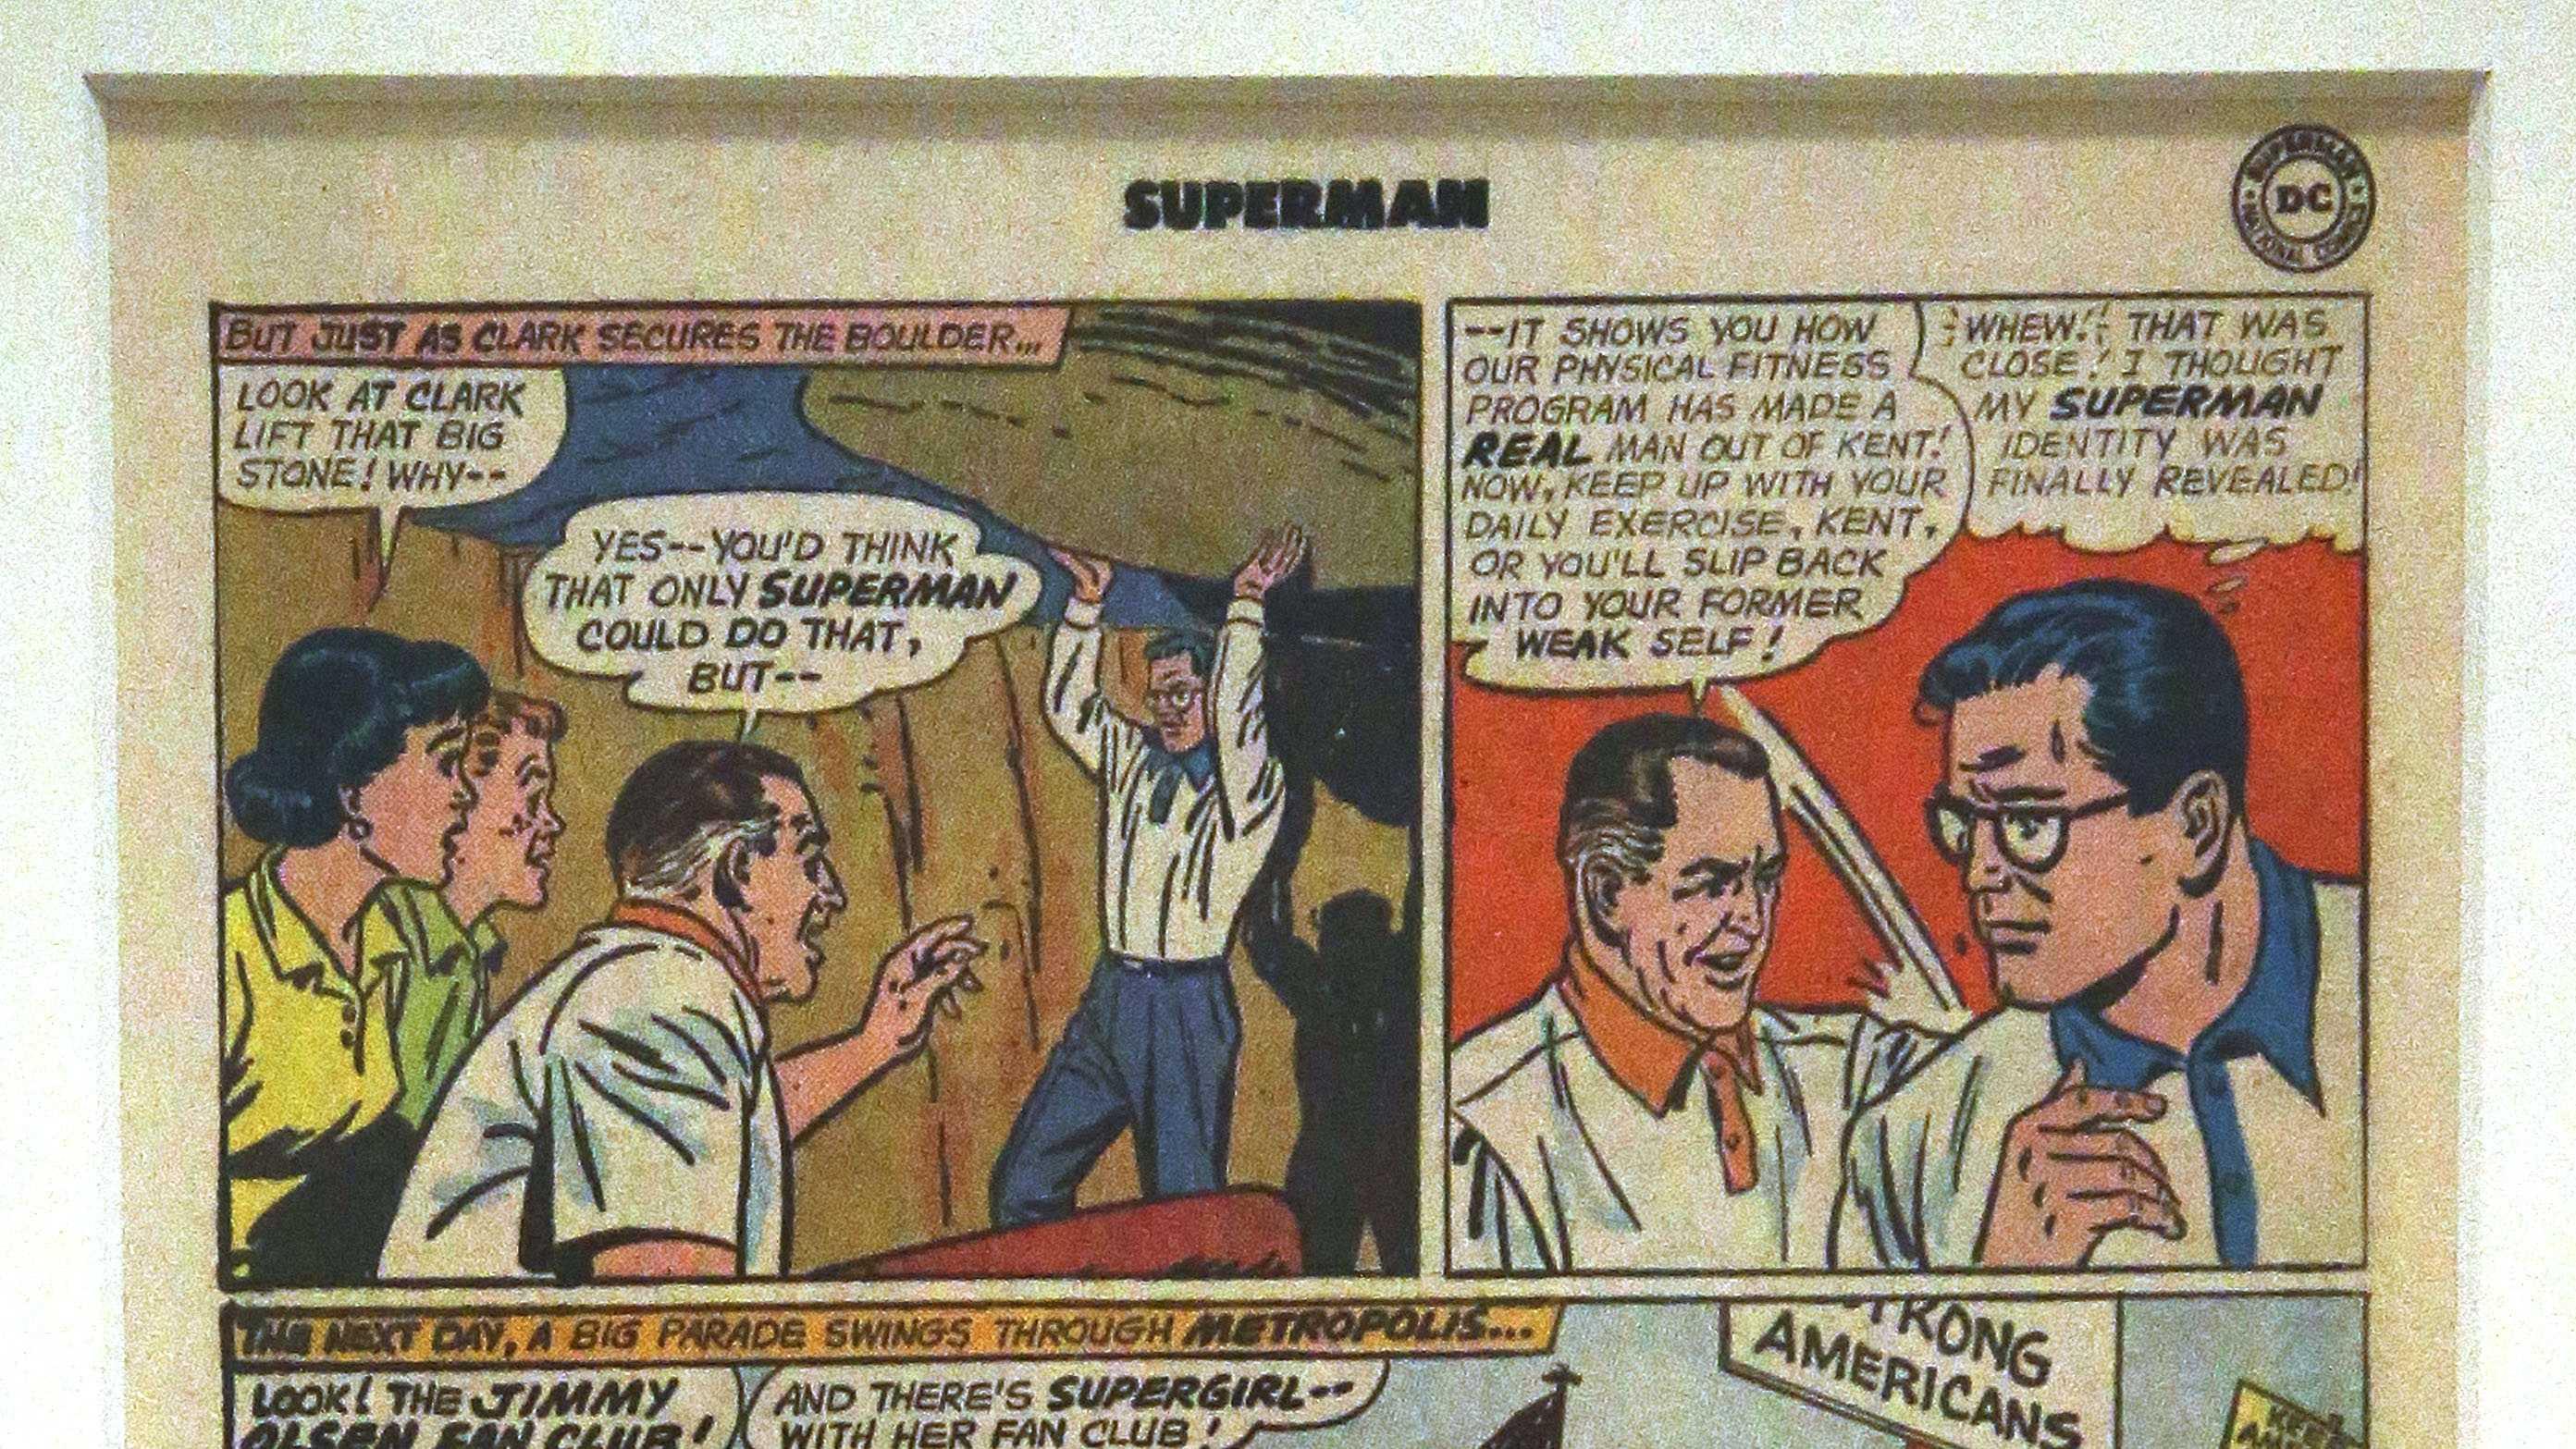 Superman kennedy 3.20